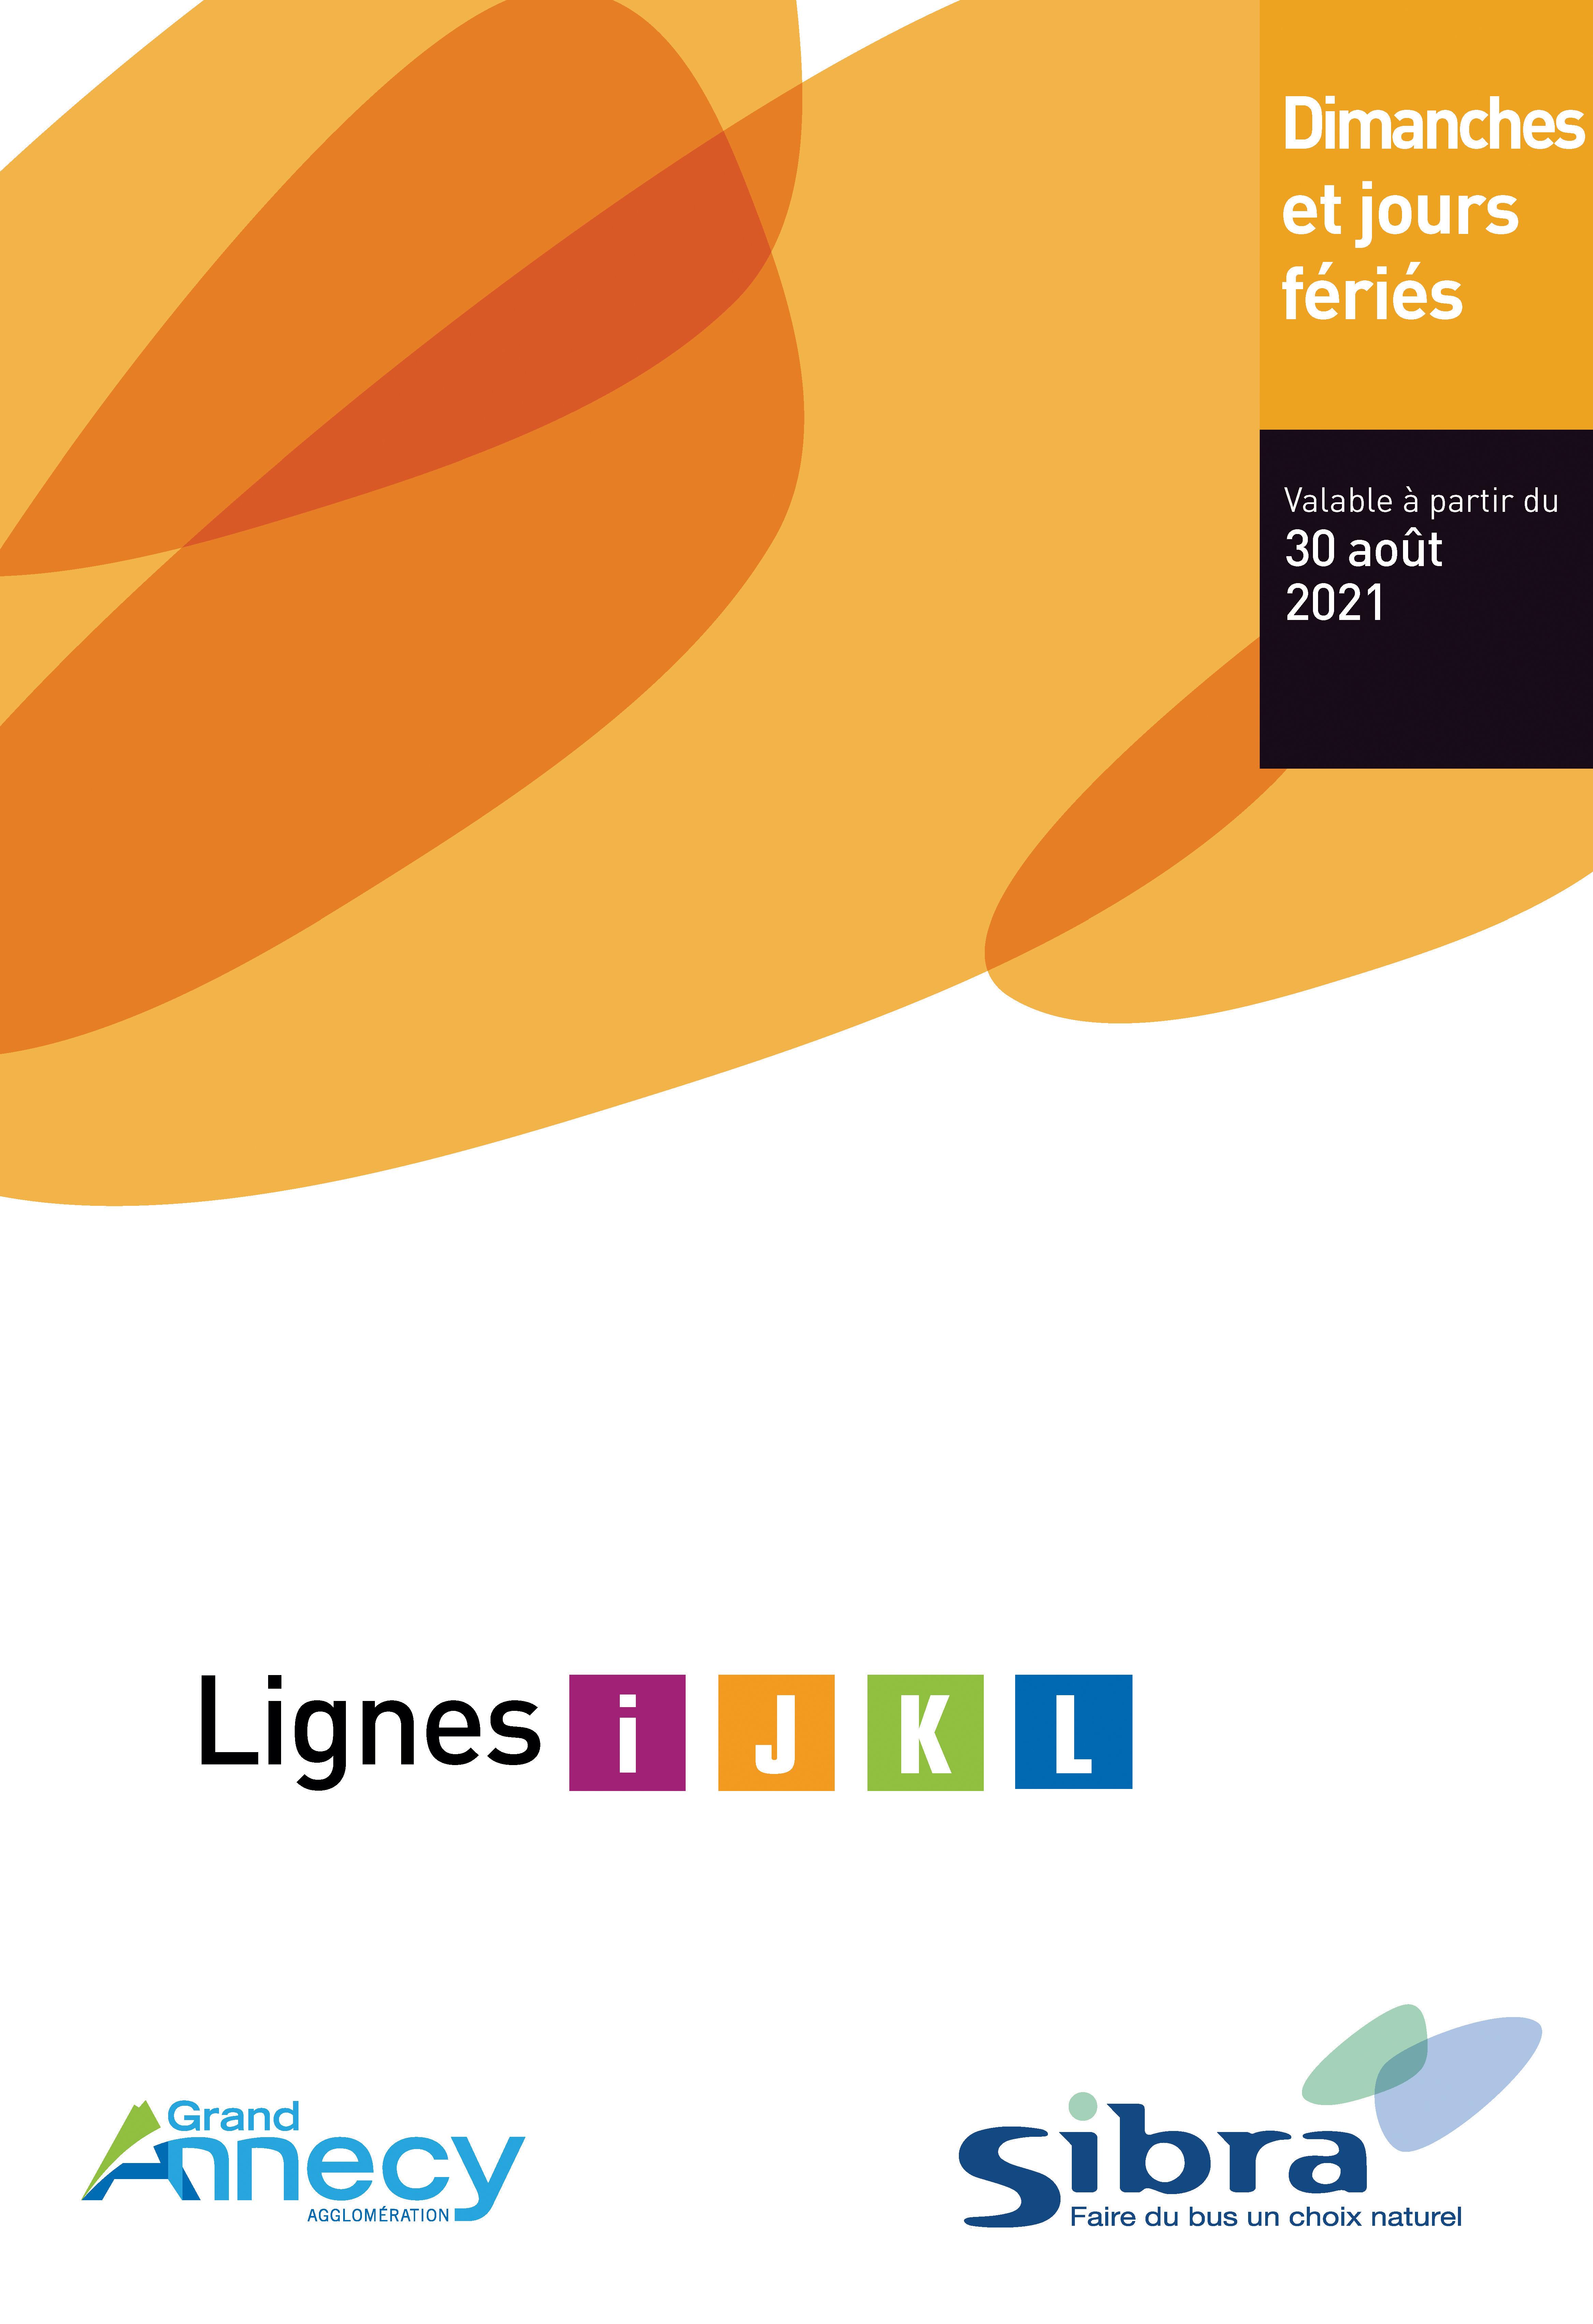 Couverture Fiche Horaire Lignes Dimanche - 2021